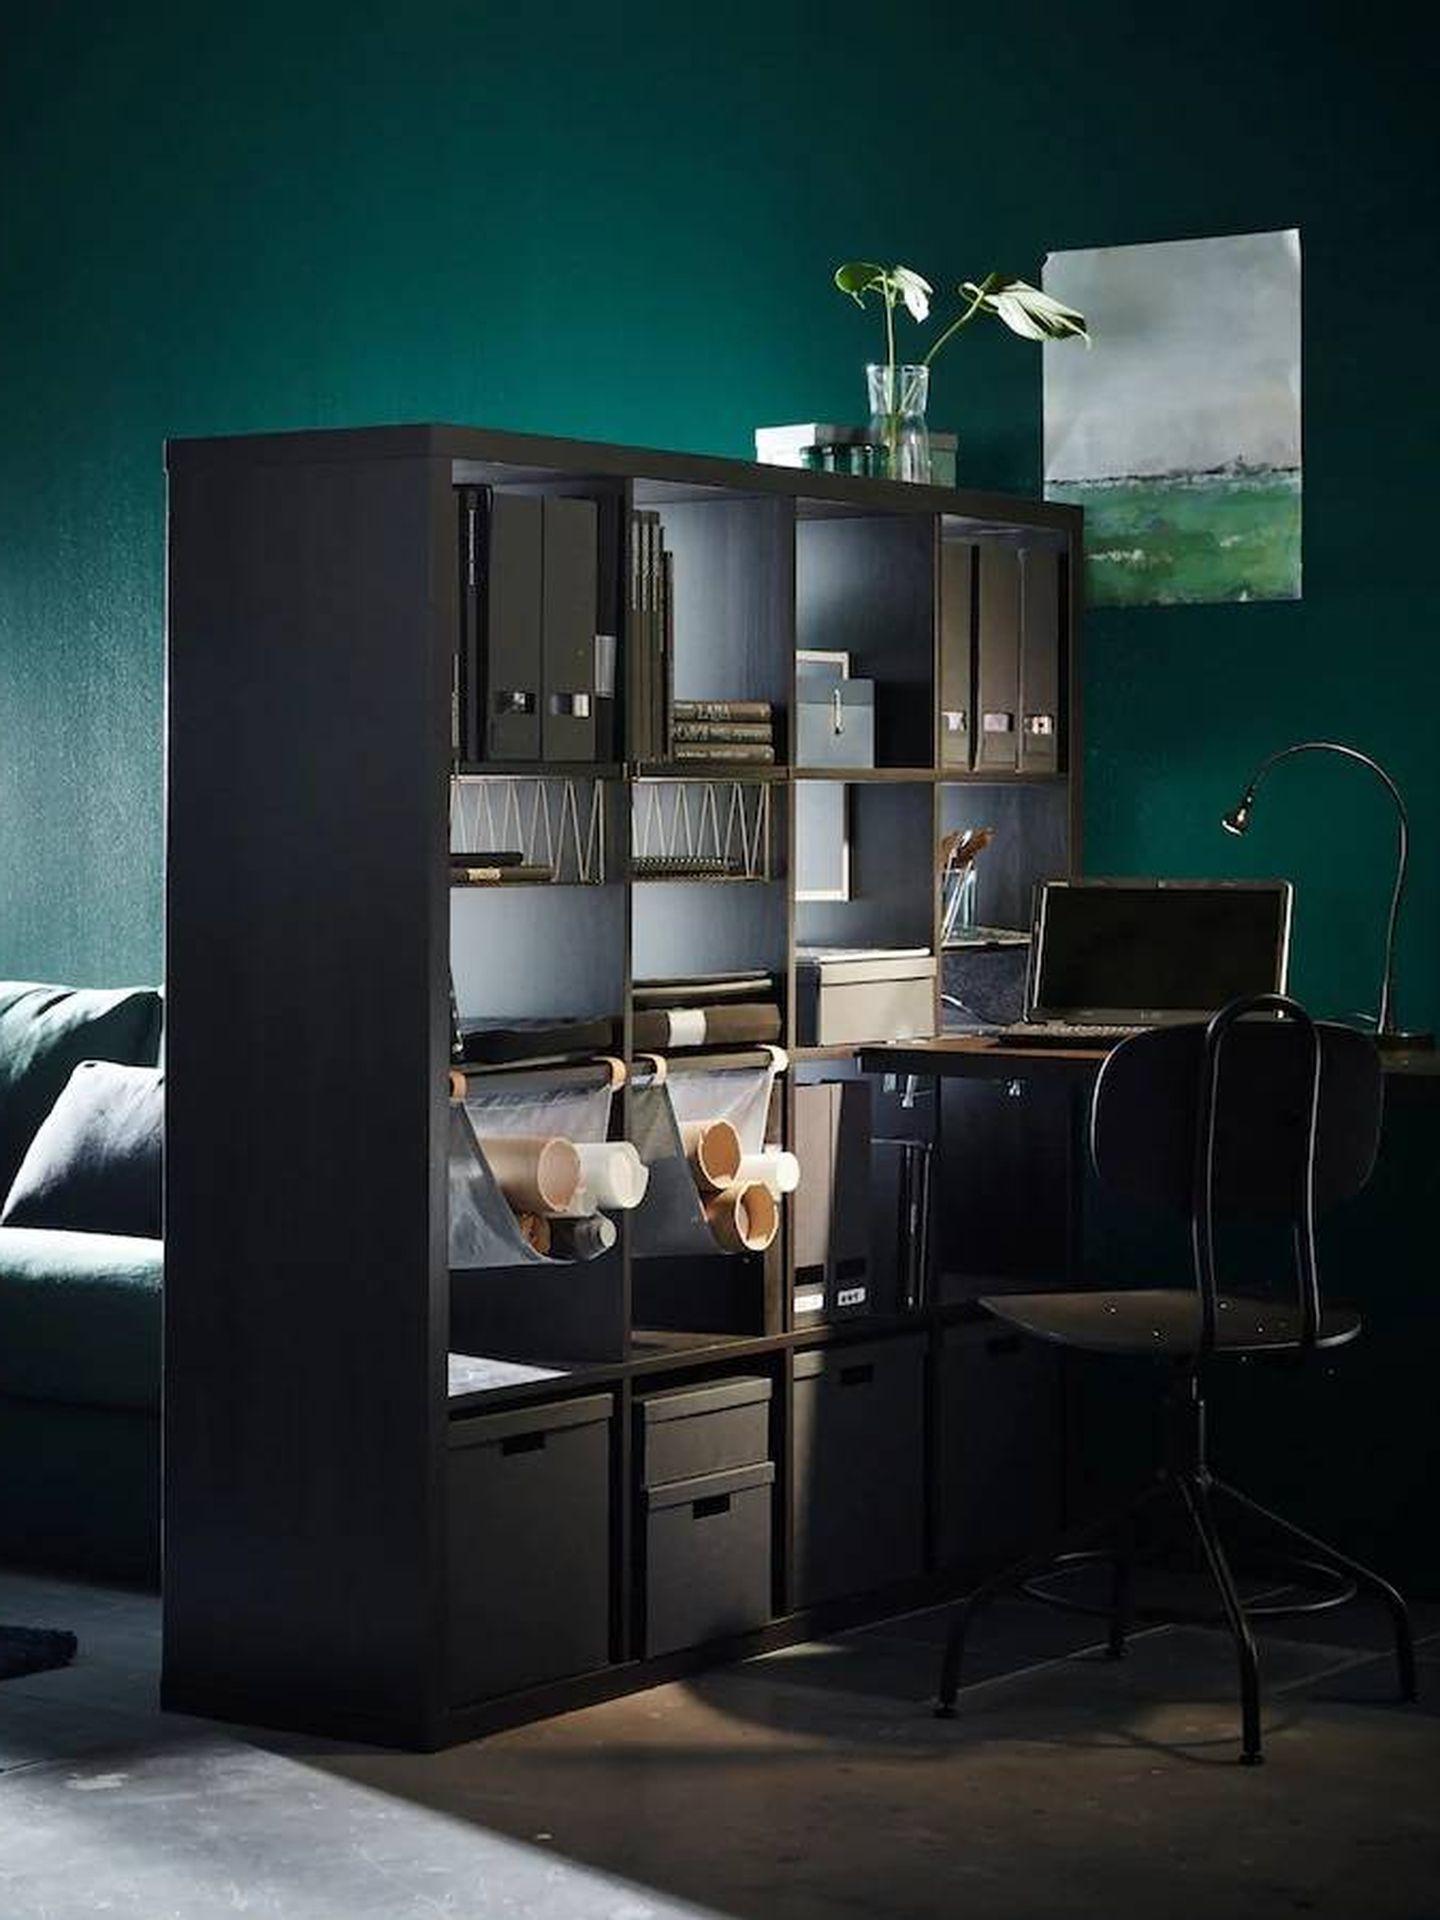 Con esta estantería de Ikea separan ambientes y sumas espacio de almacenaje. (Cortesía)